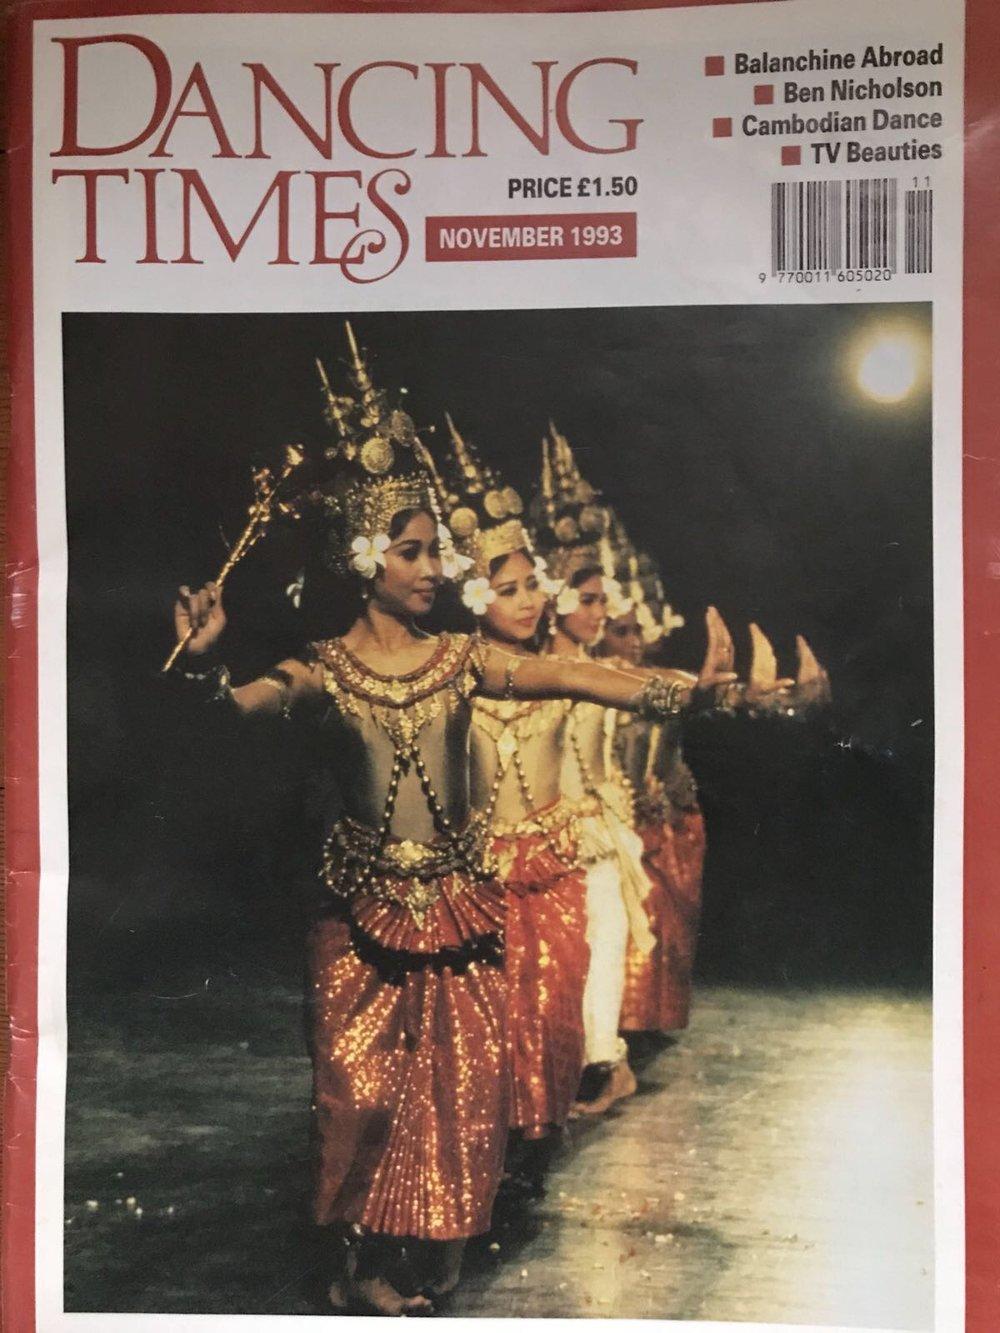 DancingTimes2.JPG